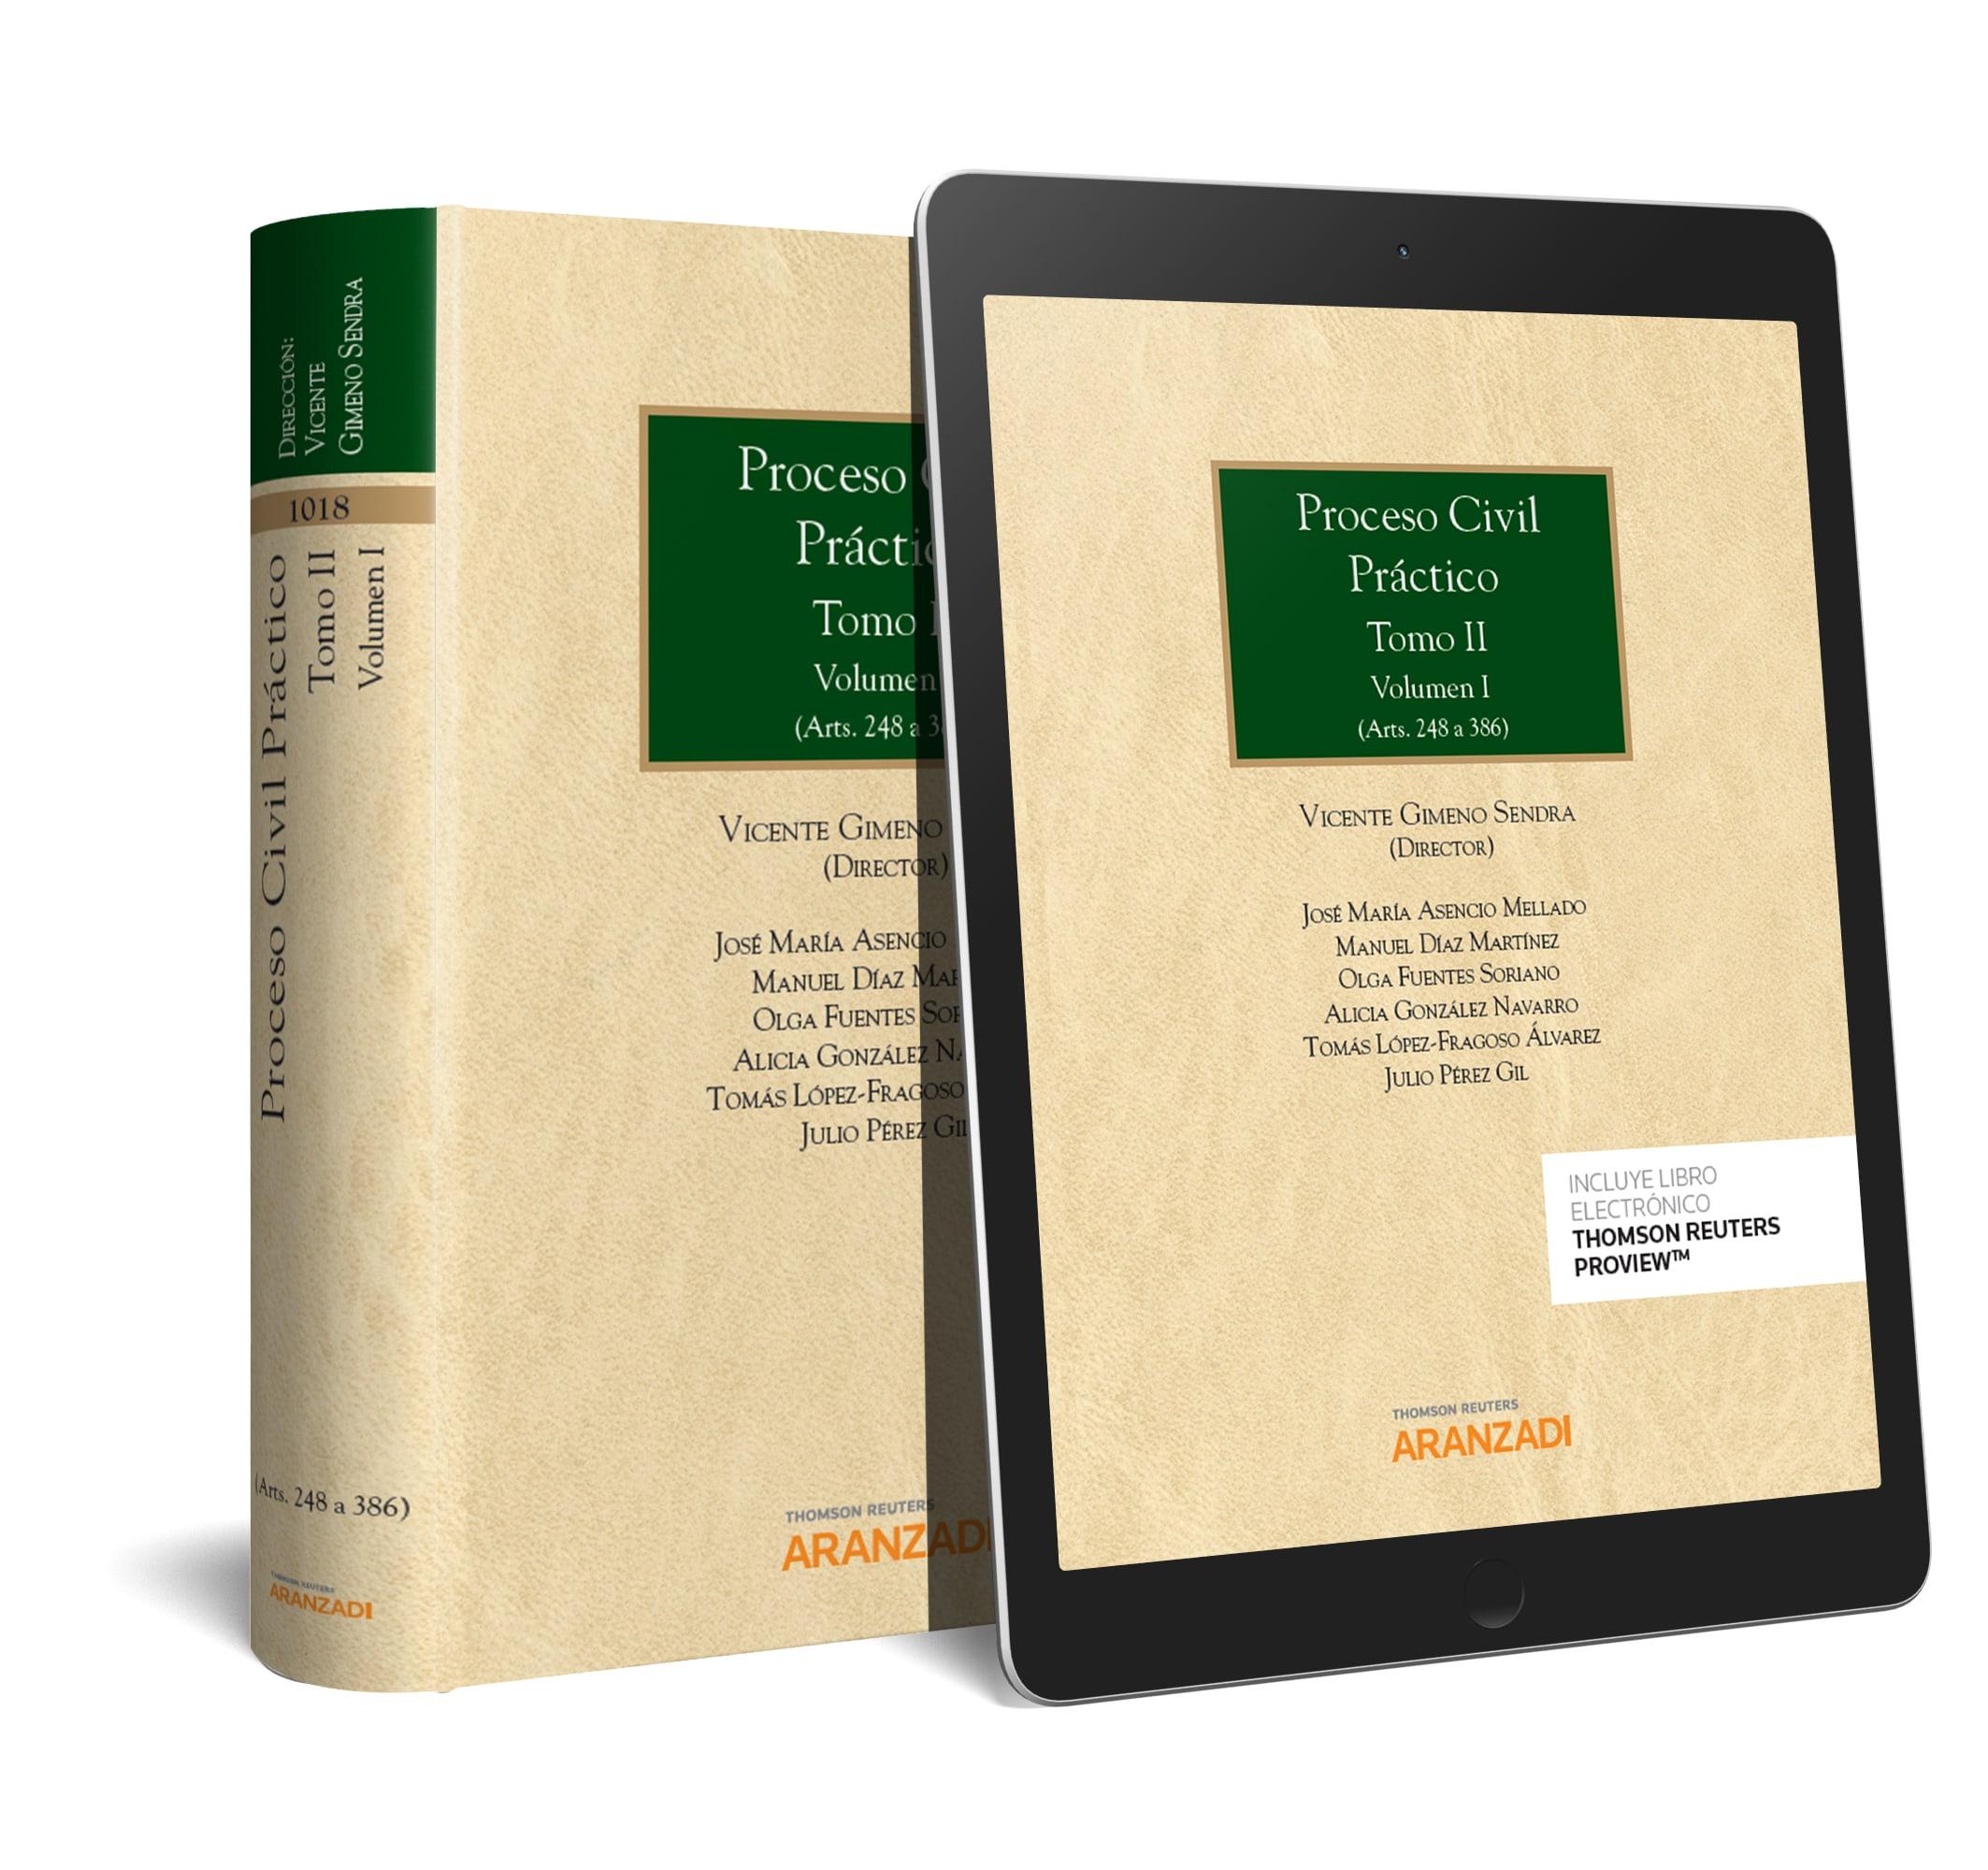 PROCESO CIVIL PRÁCTICO, TOMO II. VOLUMEN I Y II (DUO)